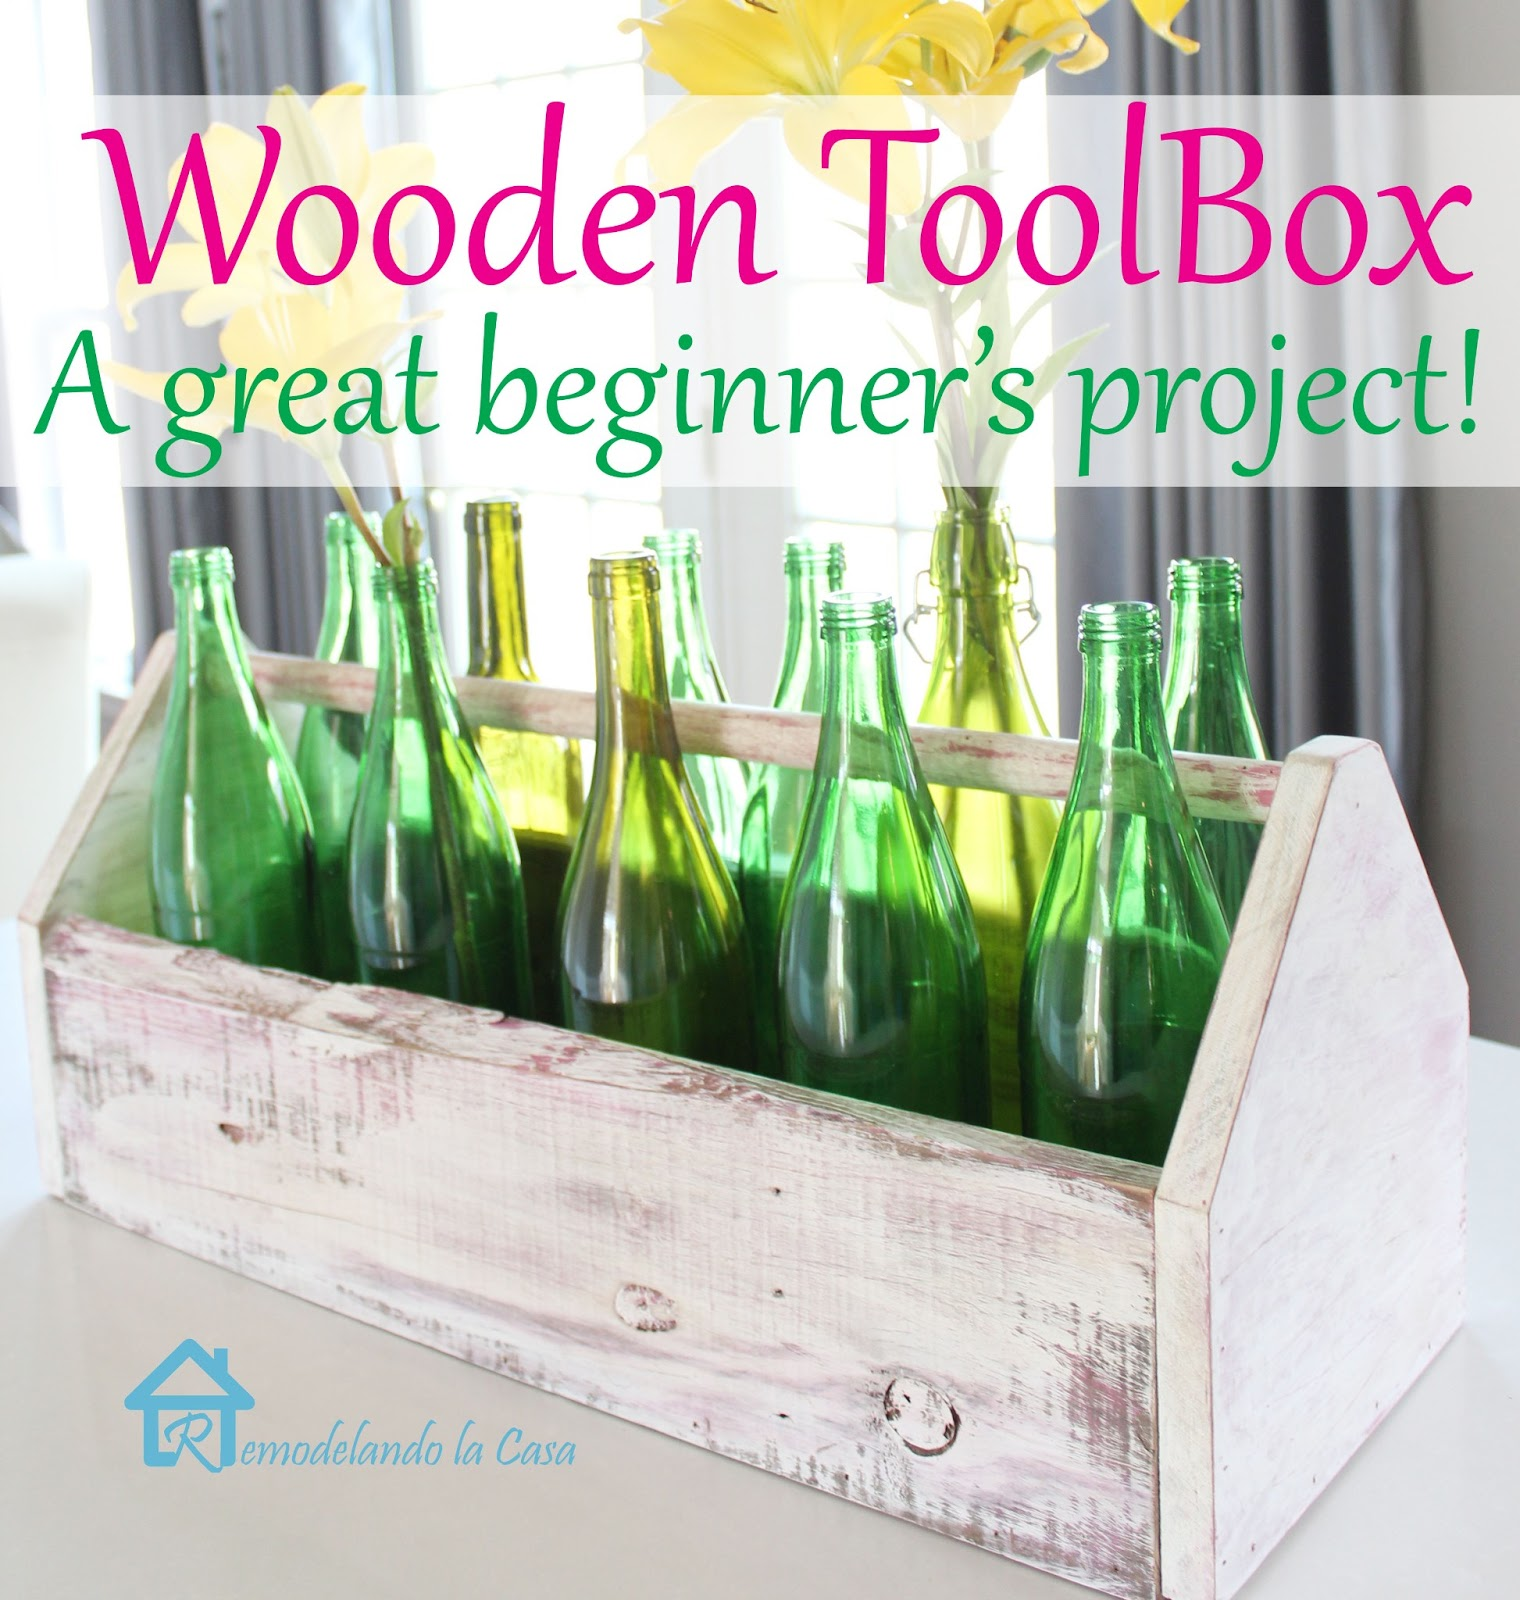 Wooden Toolbox Remodelando La Casa